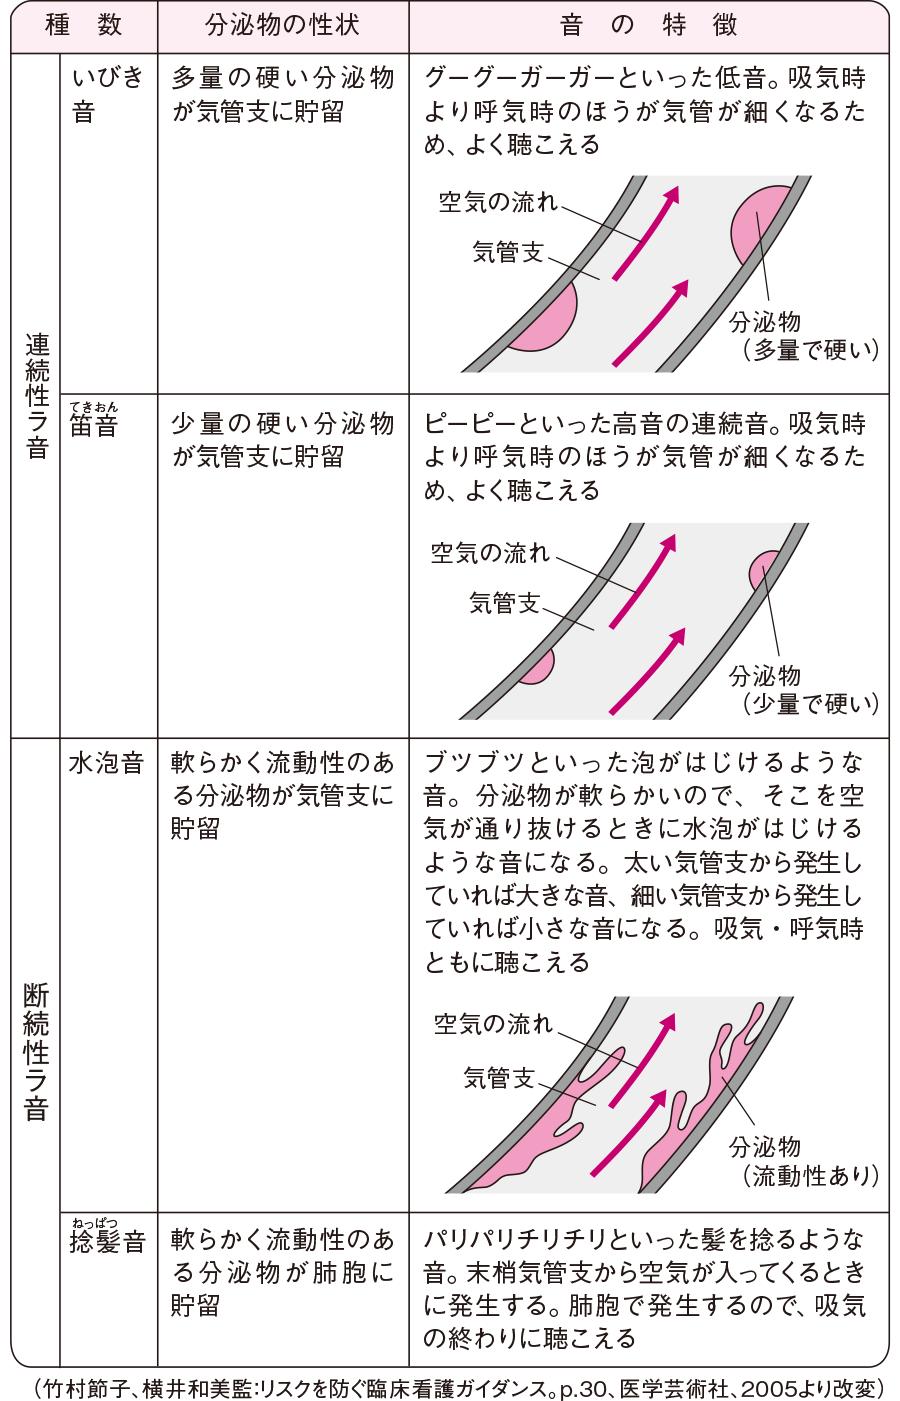 肺性副雑音(ラ音)